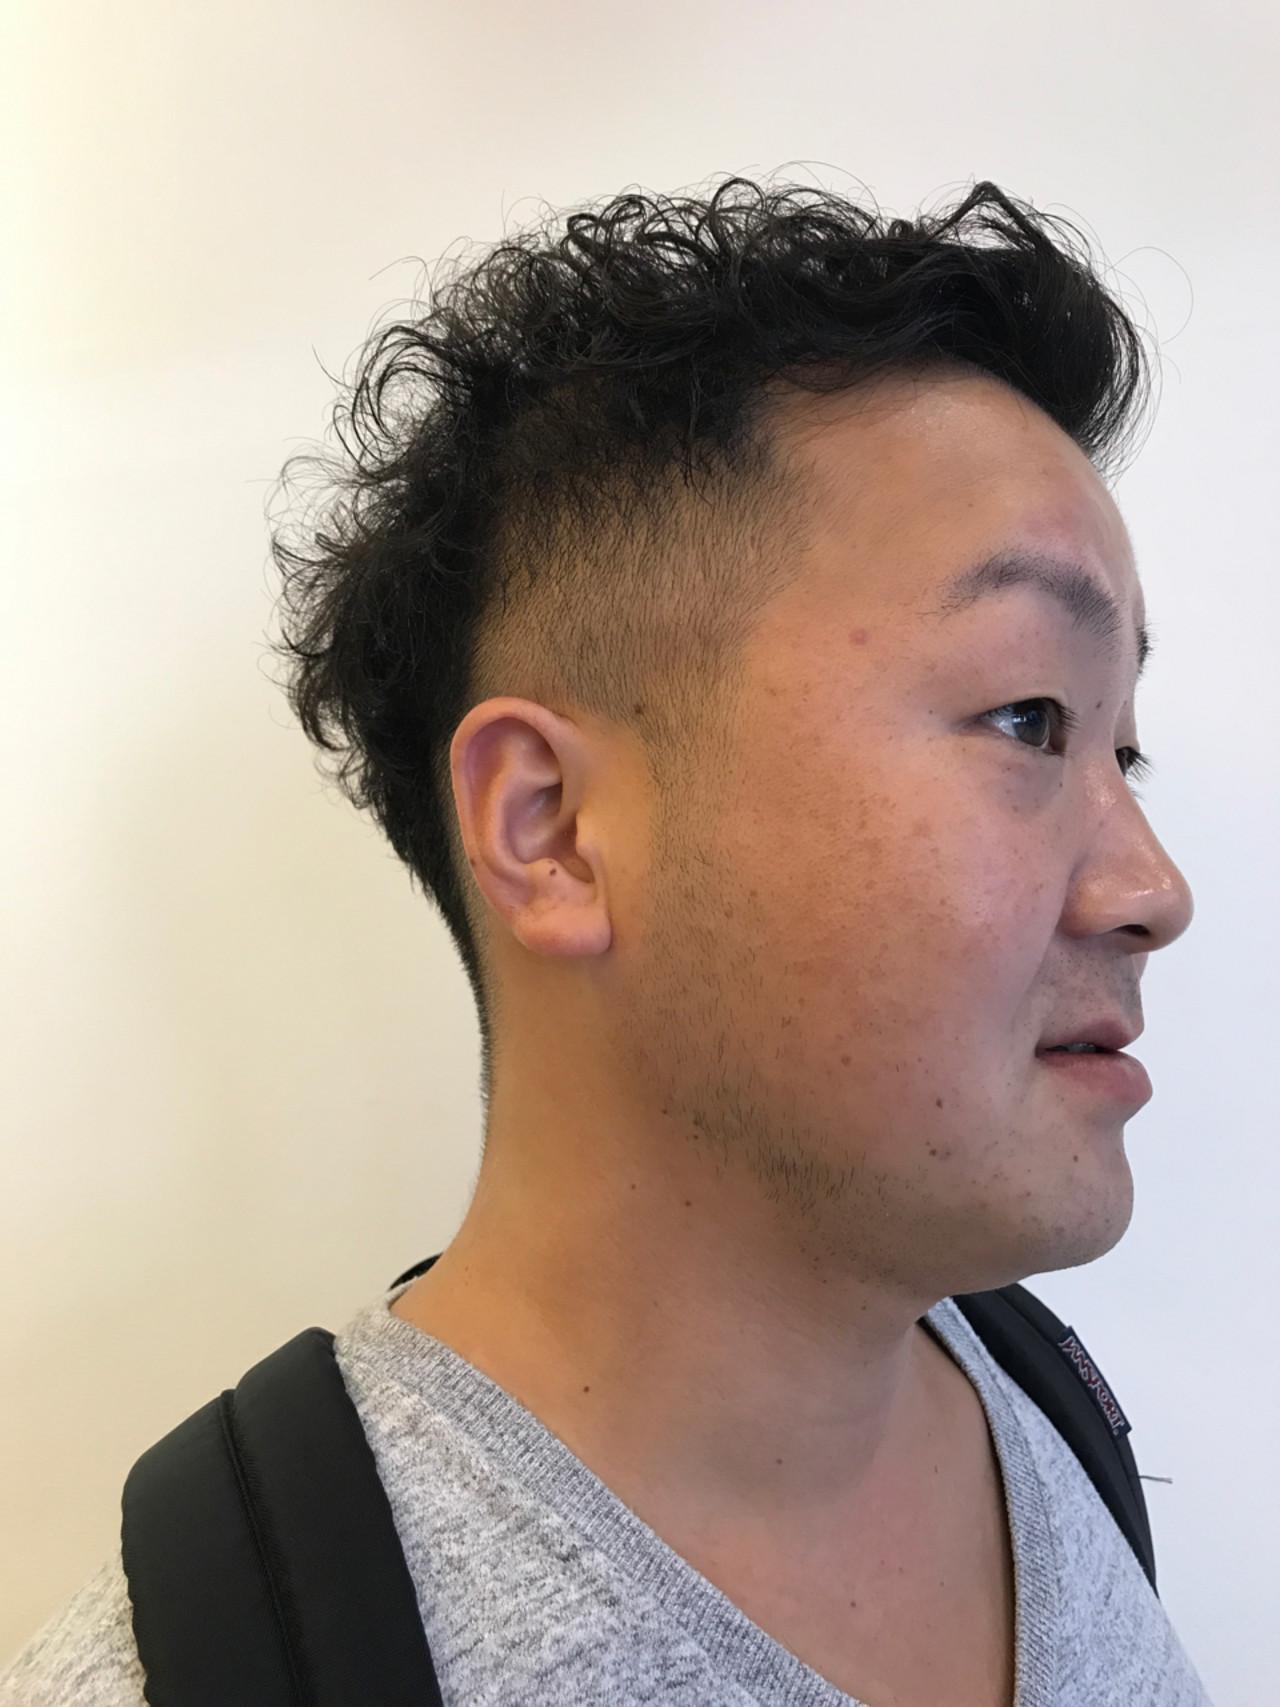 ショート ボーイッシュ 坊主 メンズ ヘアスタイルや髪型の写真・画像 | 飯島 直彬 / SEES HAIR